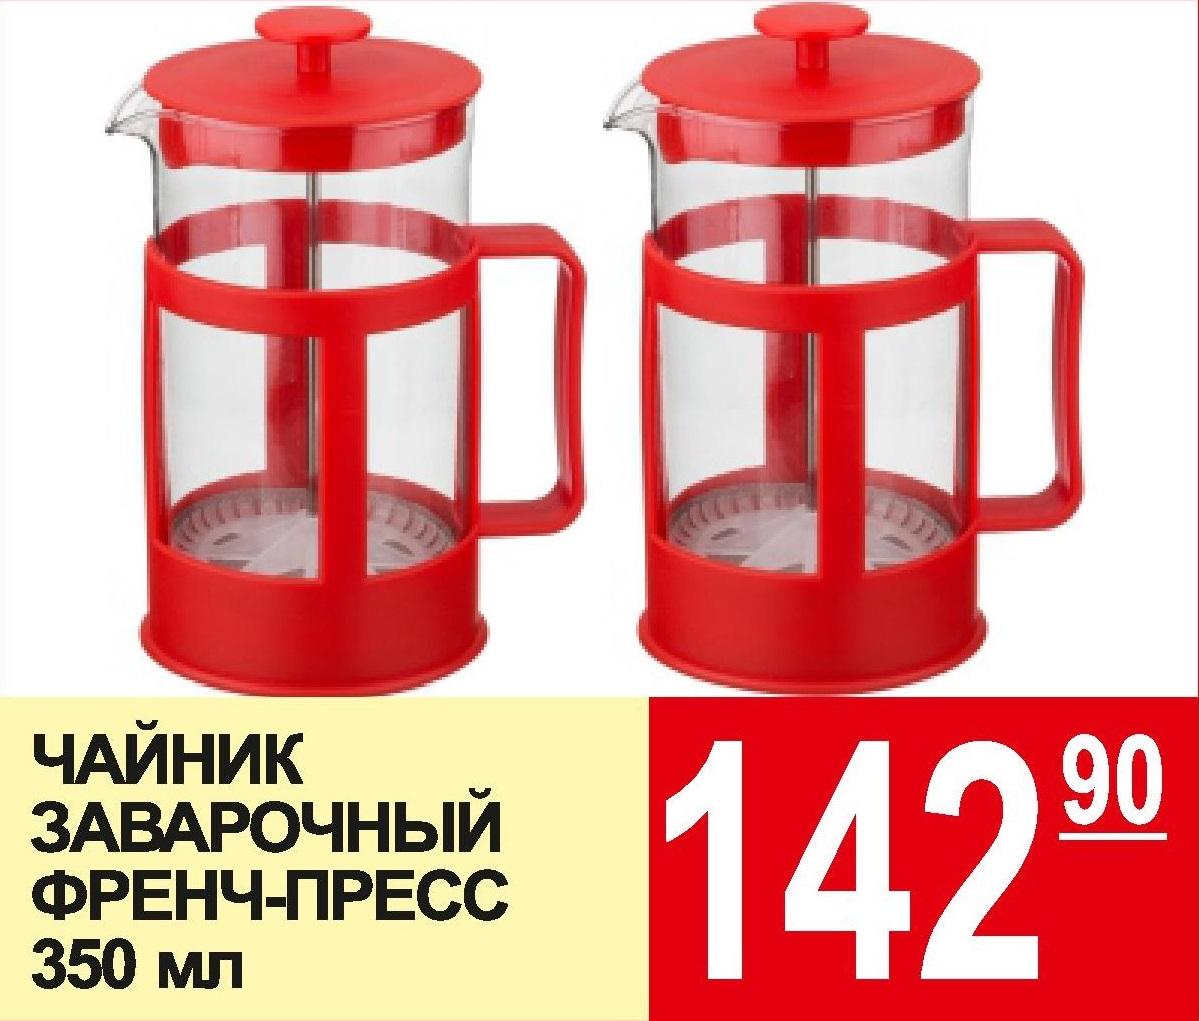 Чайник заварочный Френч-пресс 350 мл